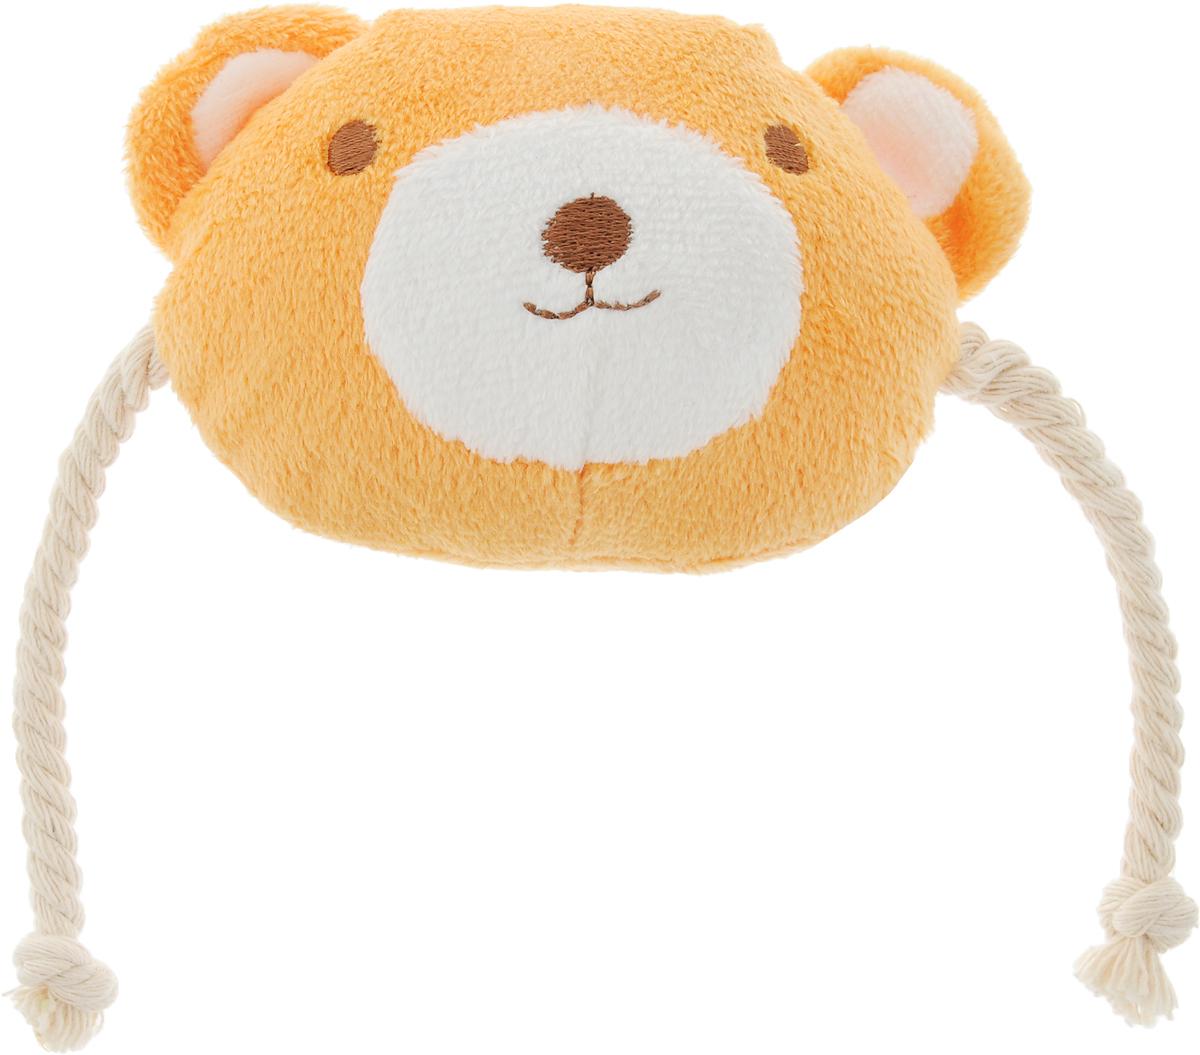 Игрушка для животных GLG Веселая семейка. Мишка, цвет: оранжевый, белыйAT2518_оранжевый, белыйИгрушка для животных GLG Веселая семейка. Мишка изготовлена из мягкого плюша. Мордочка медвежонка сдвумяканатными веревочками по бокам поможет занять щенка или котенка, разнообразит их игры. Игрушка подойдет идля взрослых животных. Легкая забавная игрушка с синтепоновой набивкой внутри снабжена пищалкой, чтовызовет дополнительный интерес вашегопитомца.Такая игрушка порадует вашего любимца, а вам доставит массуприятных эмоций, ведь наблюдать за игрой всегда интересно иприятно.Уход: возможна влажная чистка.Размер игрушки: 10 х 10 х 5 см.